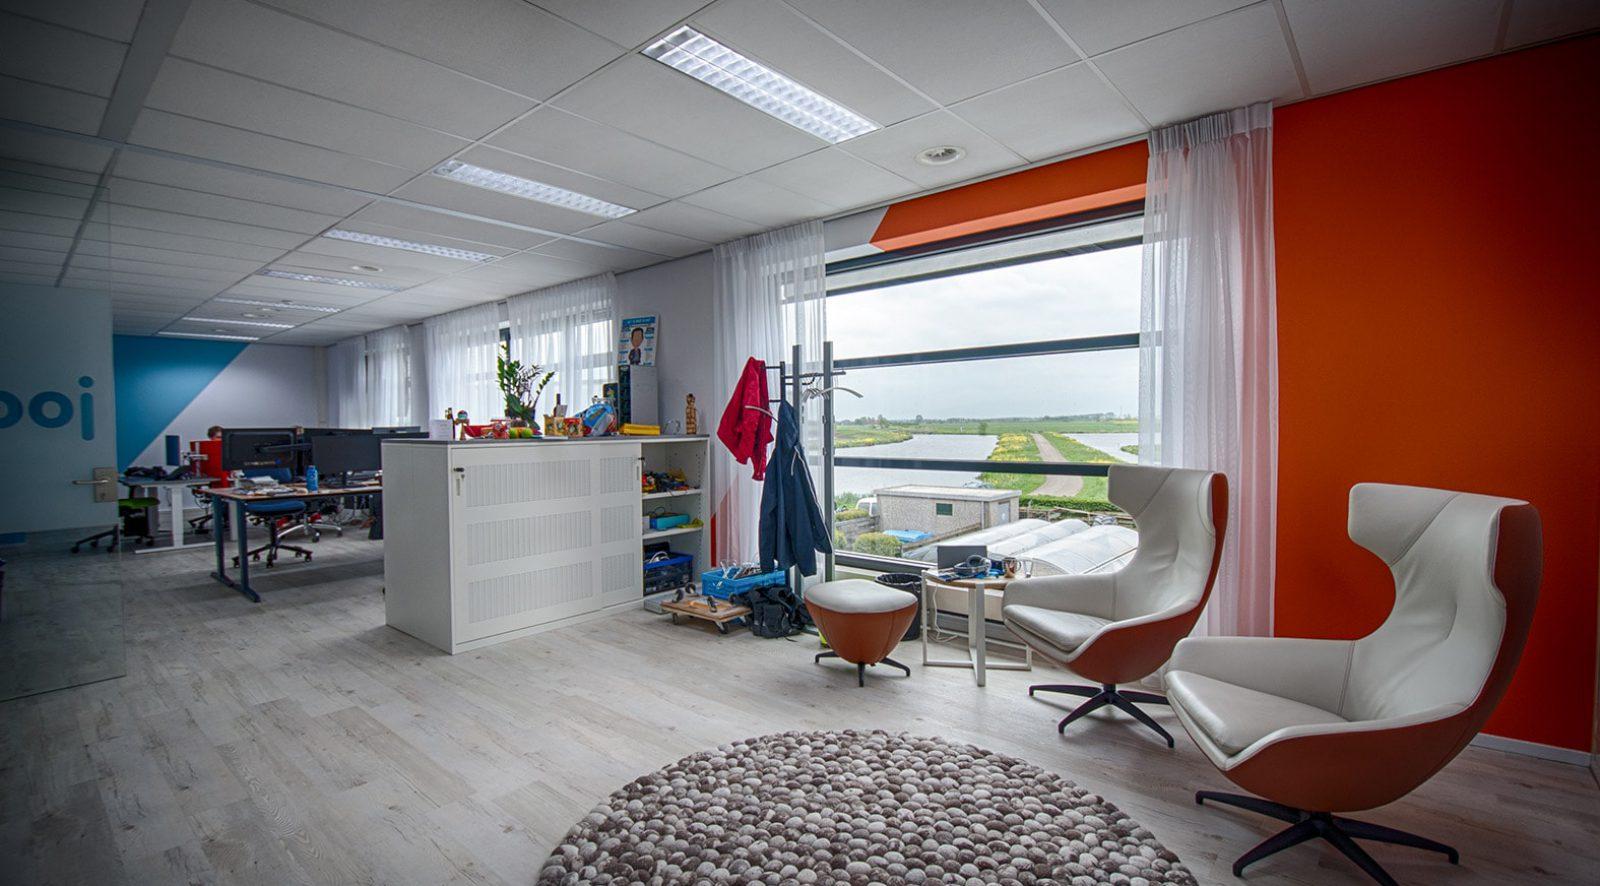 Kantoorruimte huren | Crown Business Center Bodegraven